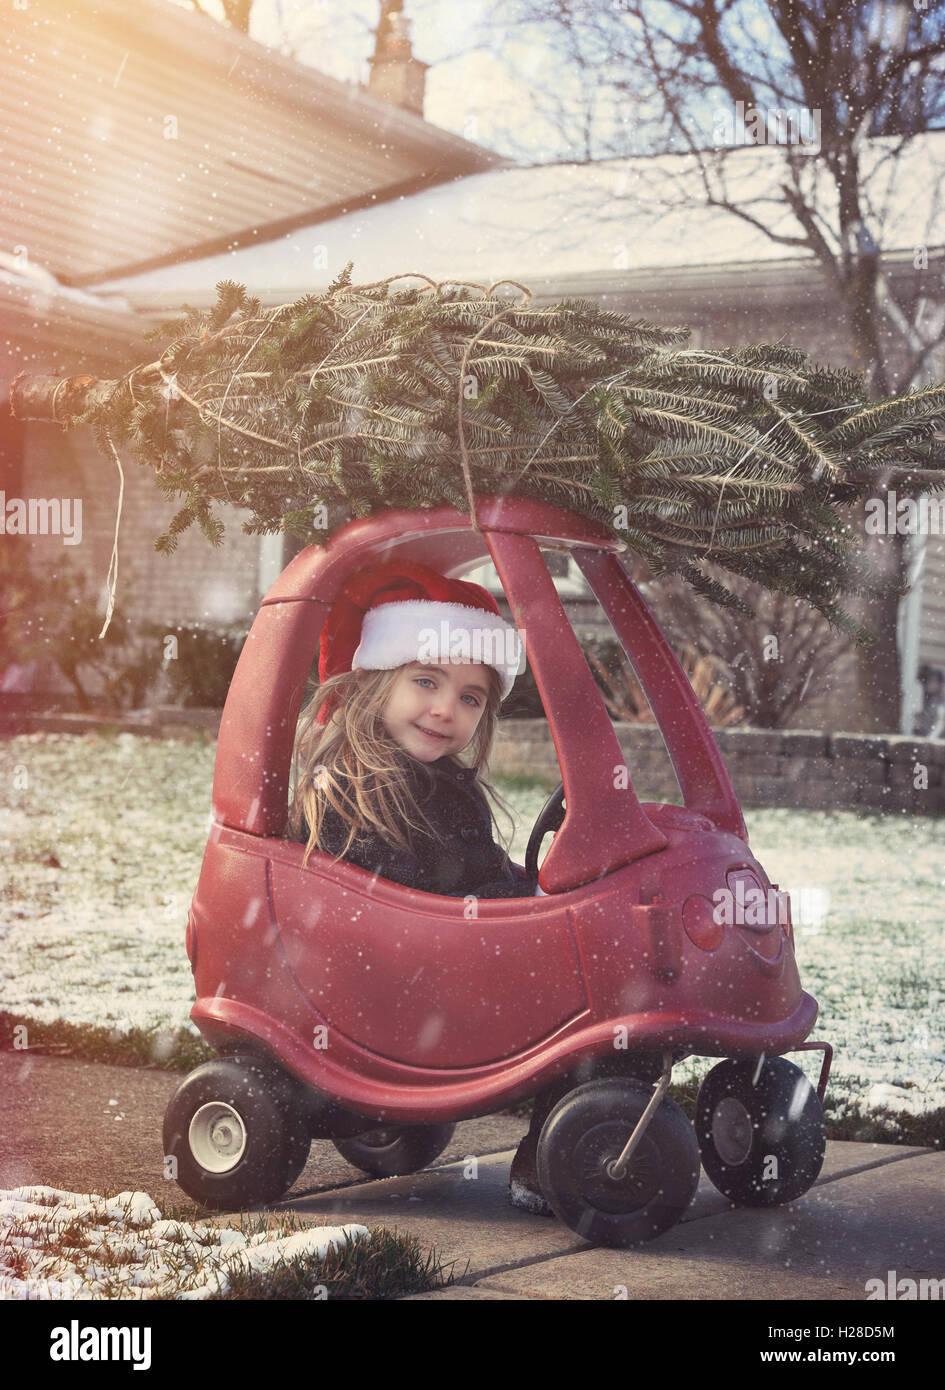 Una chica está llevando a casa un árbol de Navidad en la parte superior de un tejado fuera en la nieve Imagen De Stock